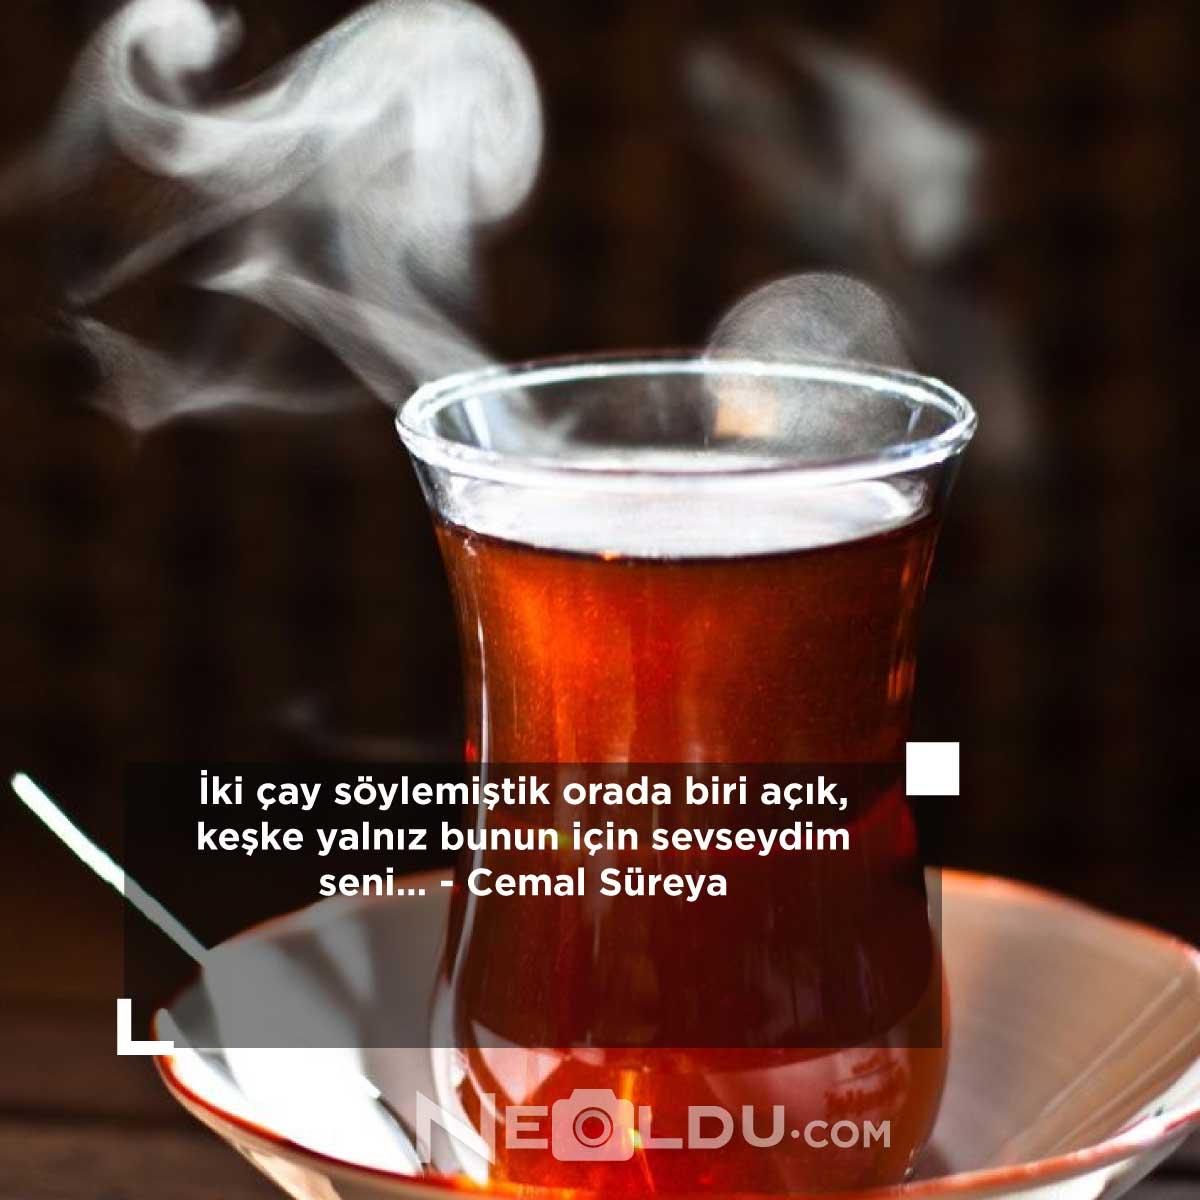 Çay Sözleri